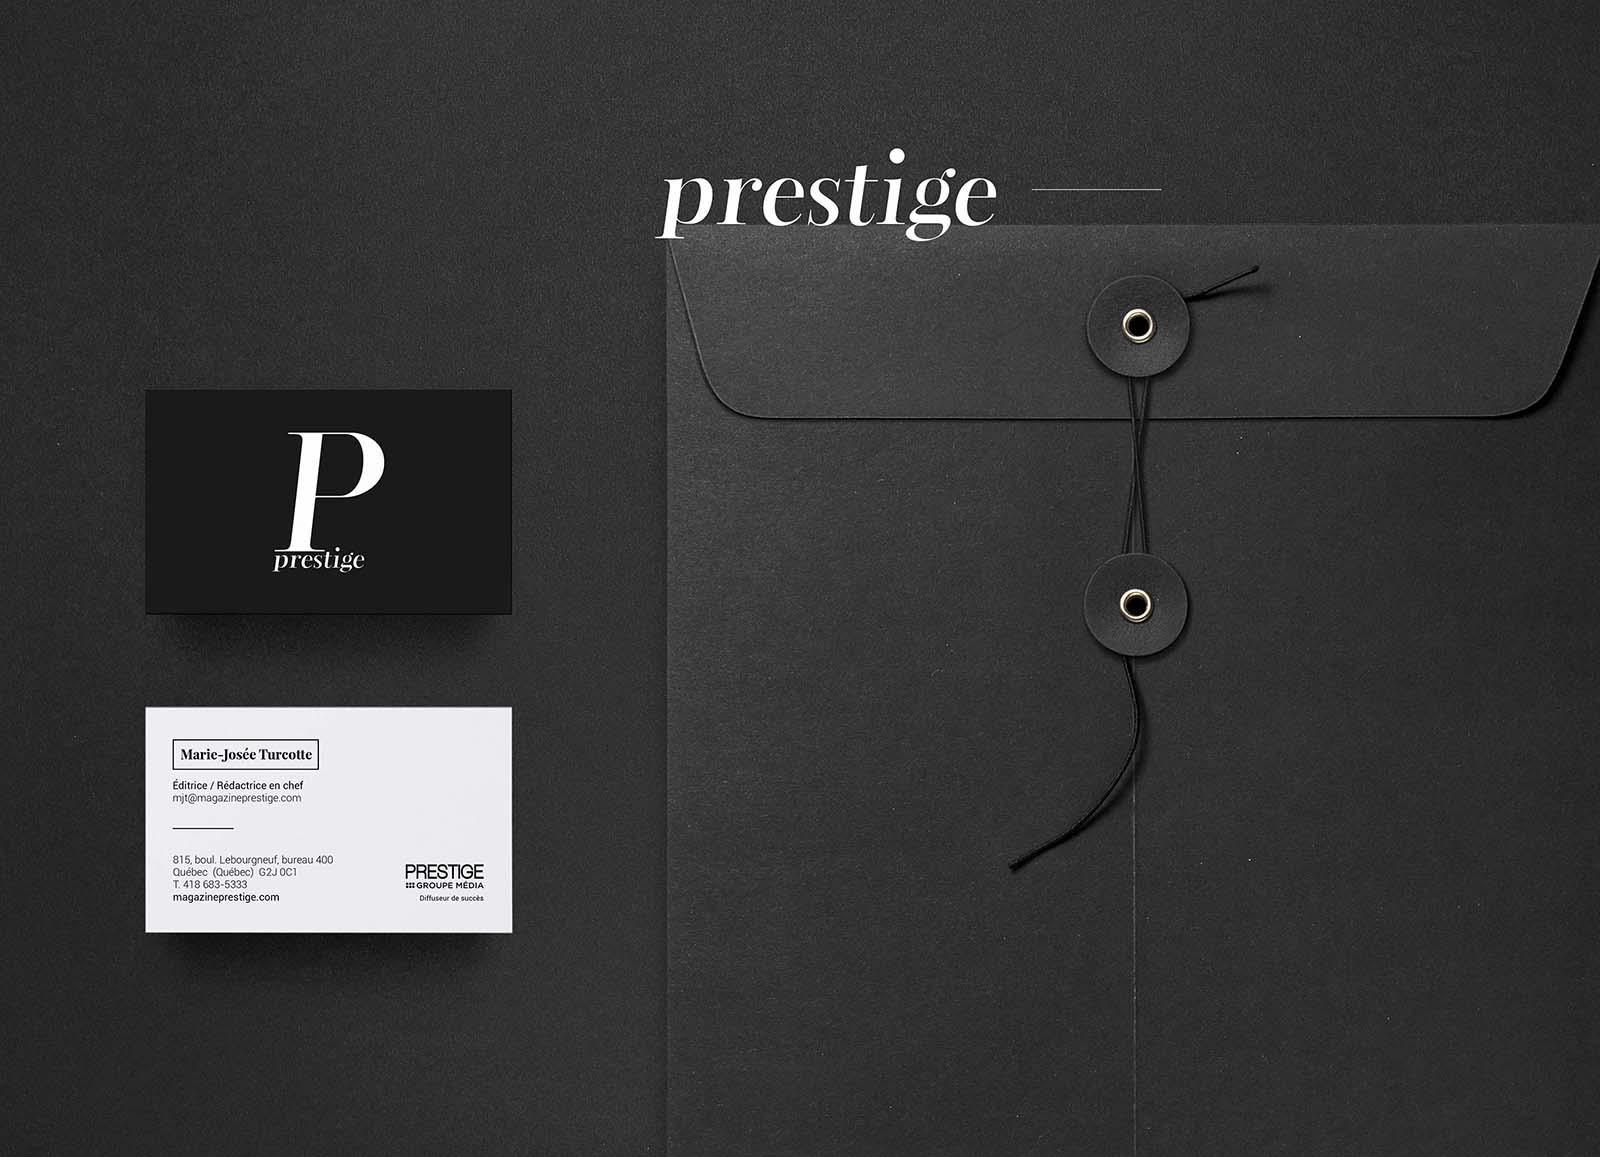 Prestige Magazine - carte